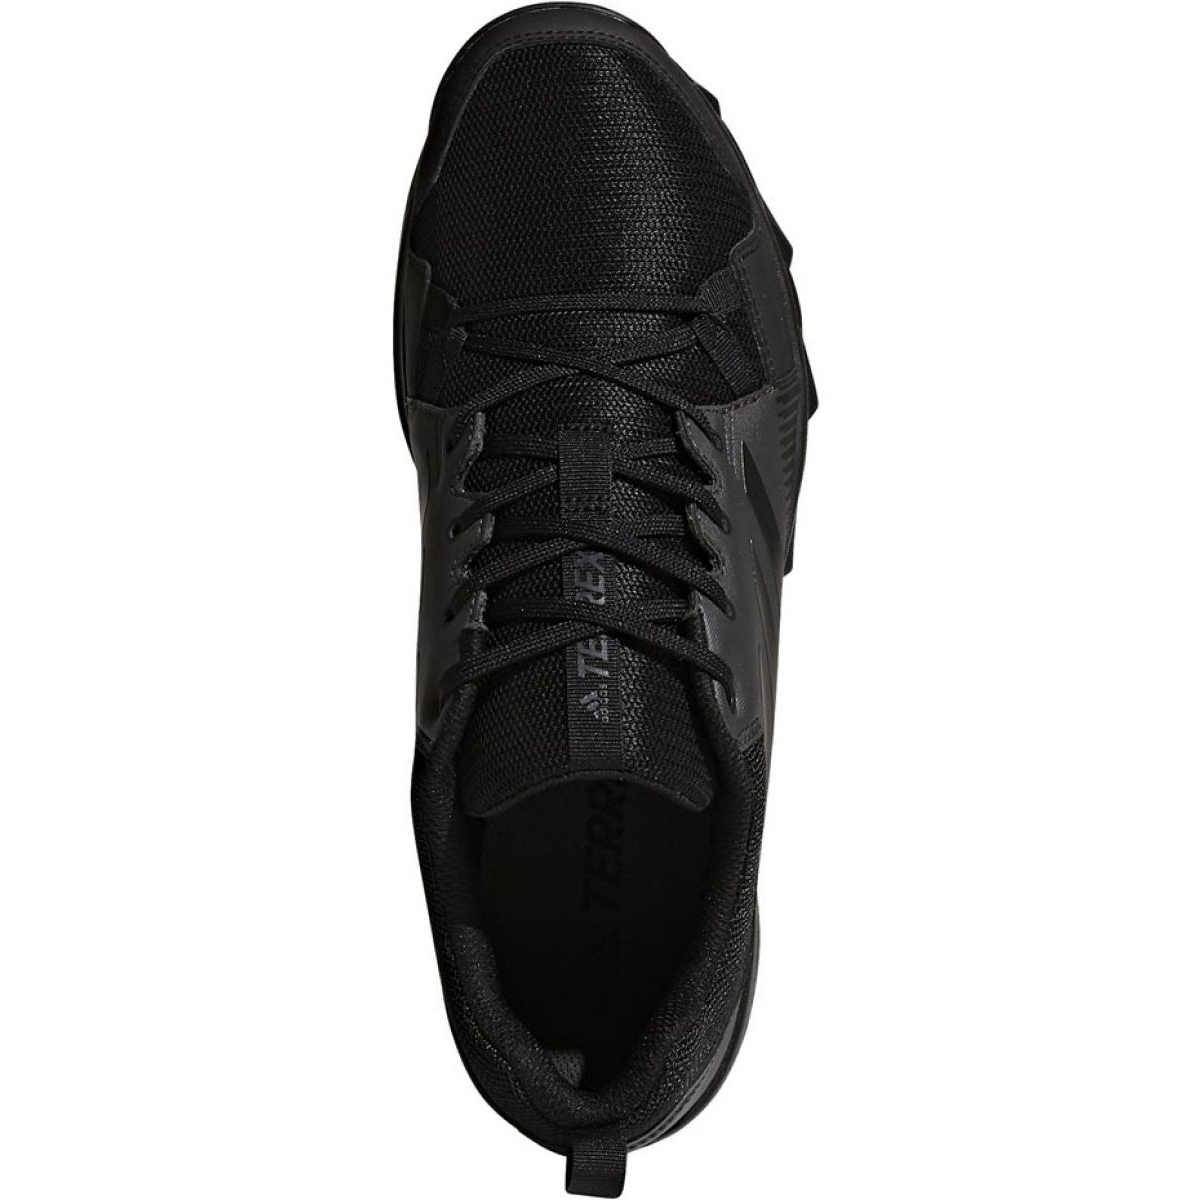 Buty adidas Terrex Tracerocker M S80898 czarne